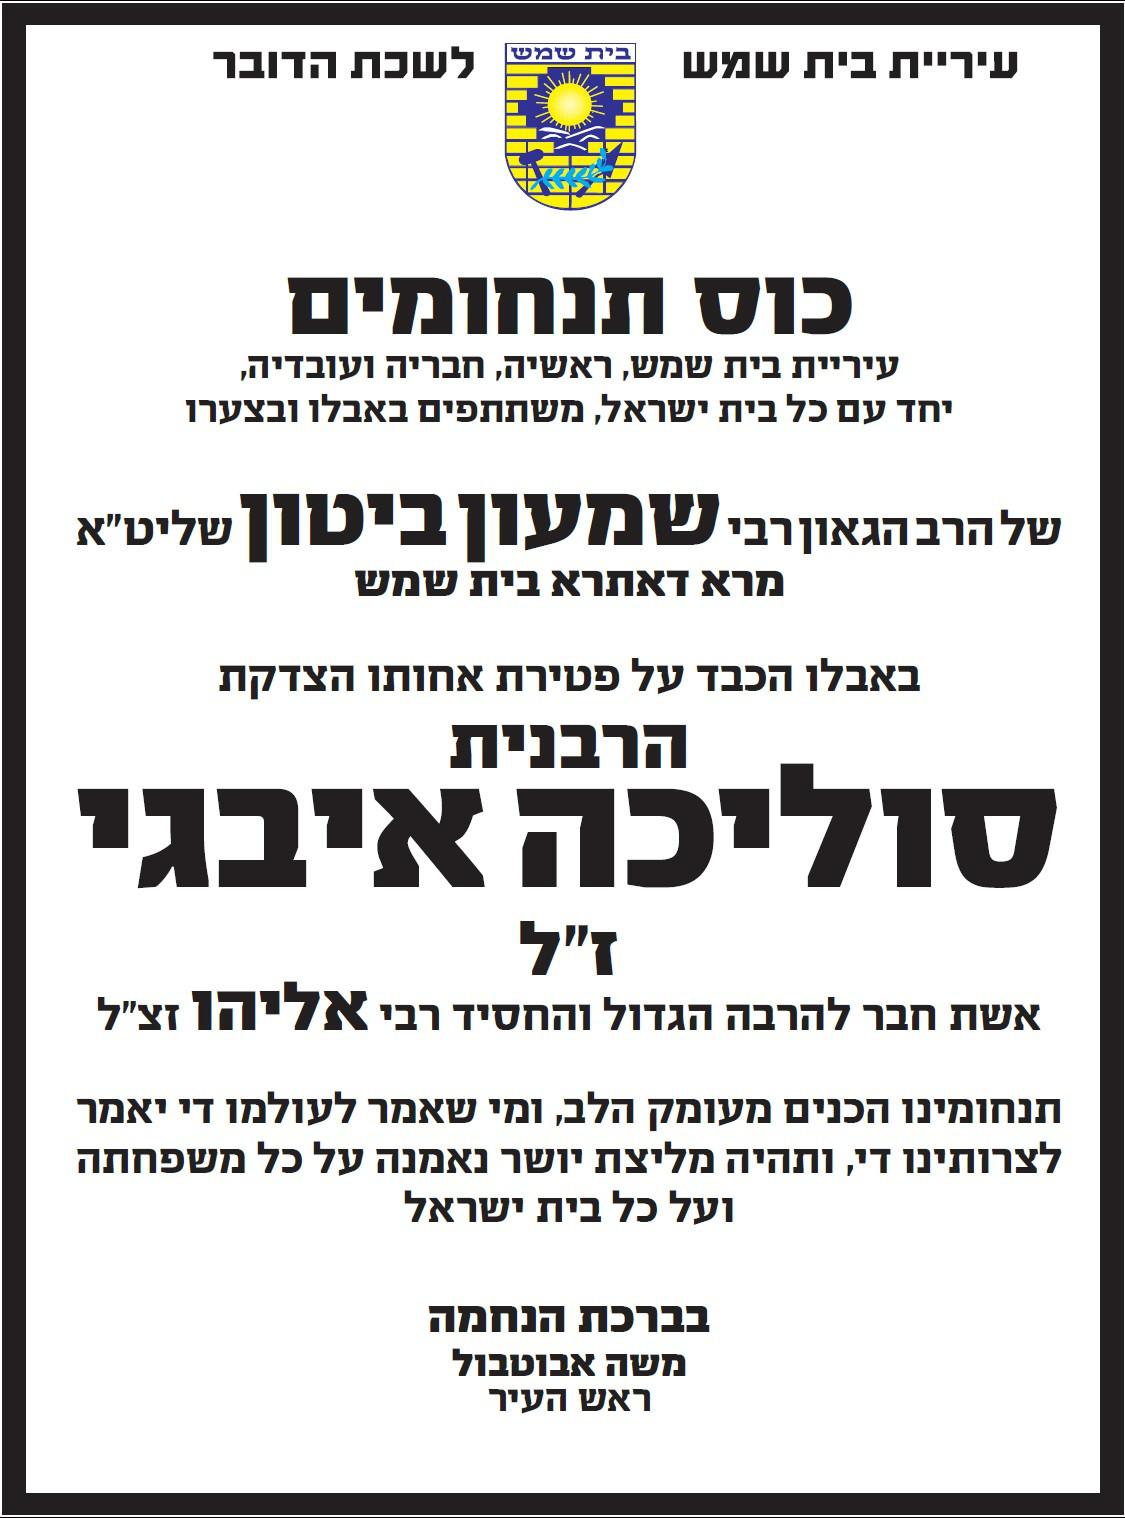 כוס תנחומים לרב שמעון ביטון רב העיר בית שמש על מות אחותו הרבנית סוליכה איבגי